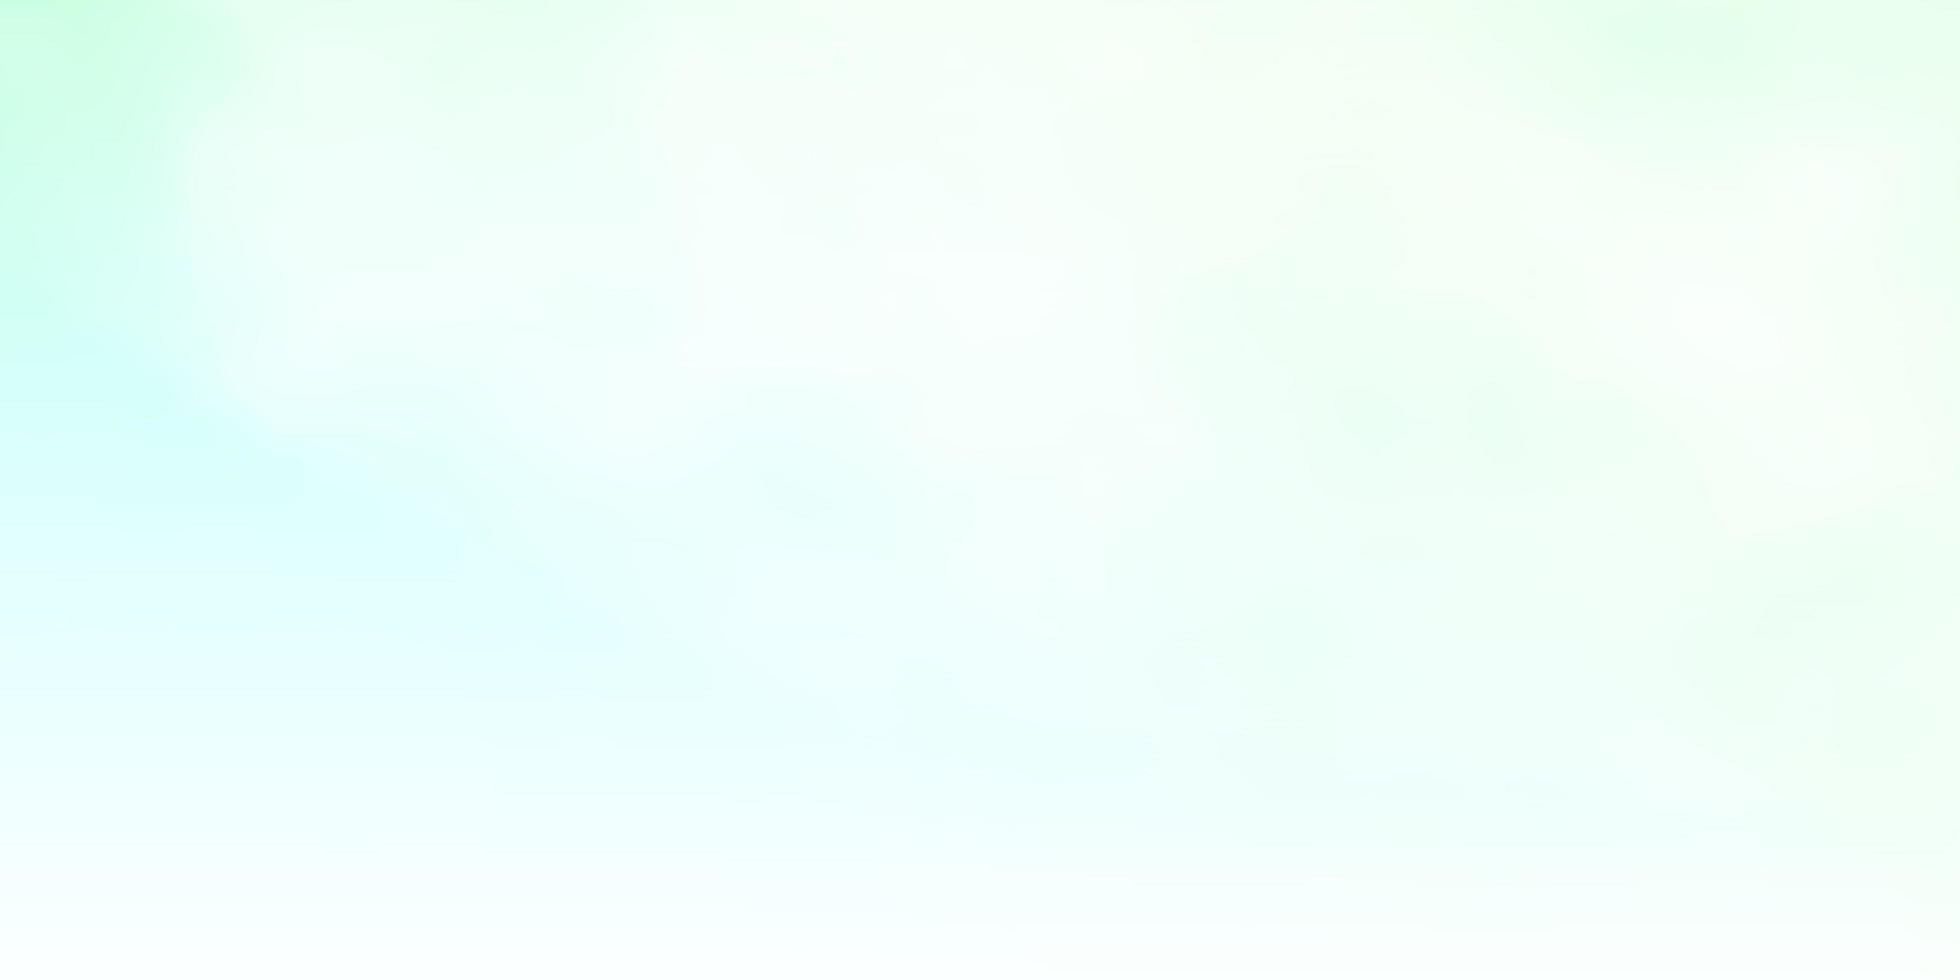 sfondo vettoriale verde chiaro con nuvole.